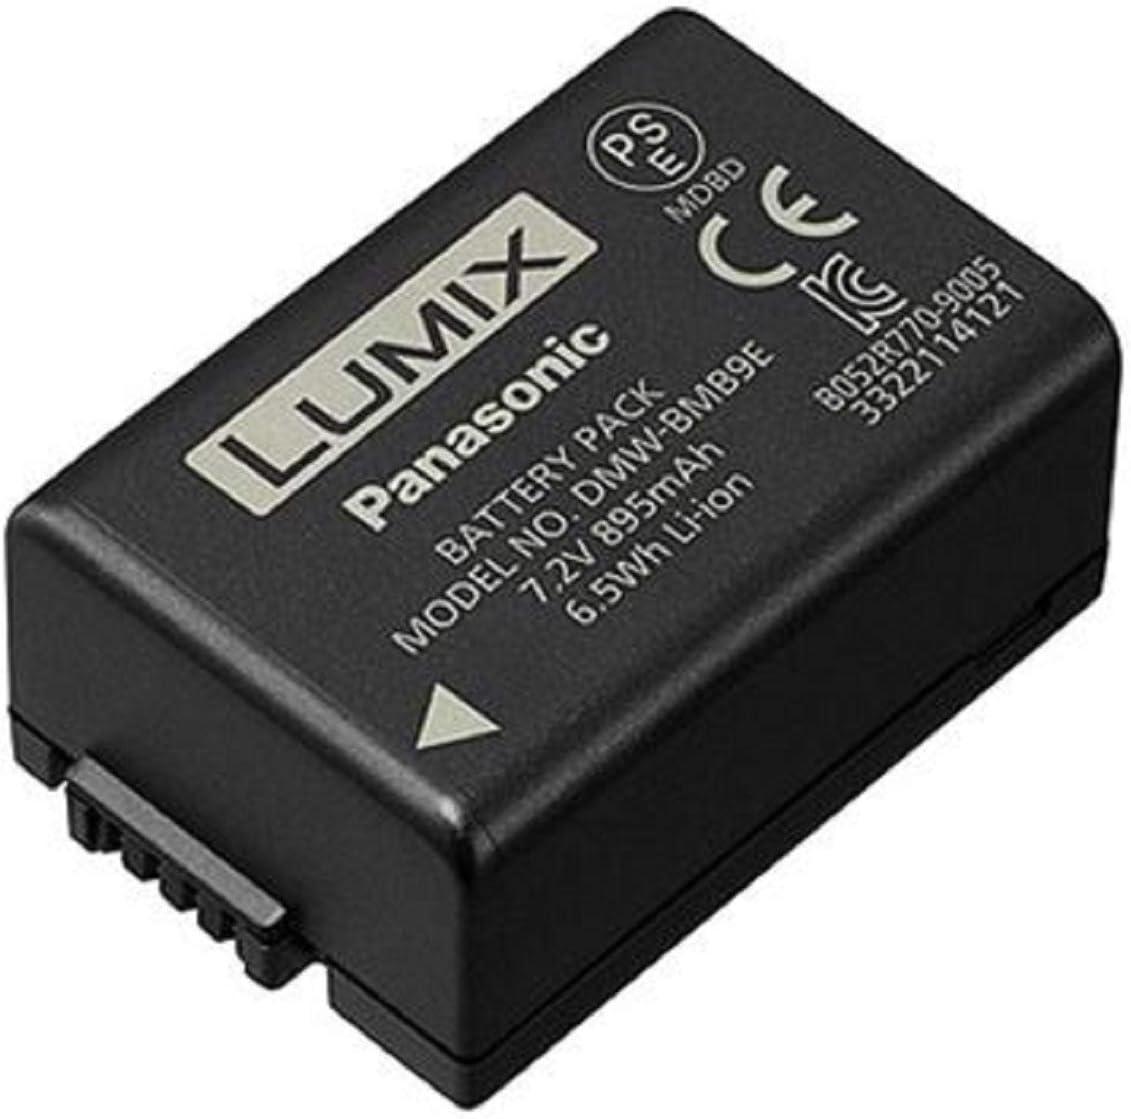 Original Akku Für Panasonic Lumix Elektronik